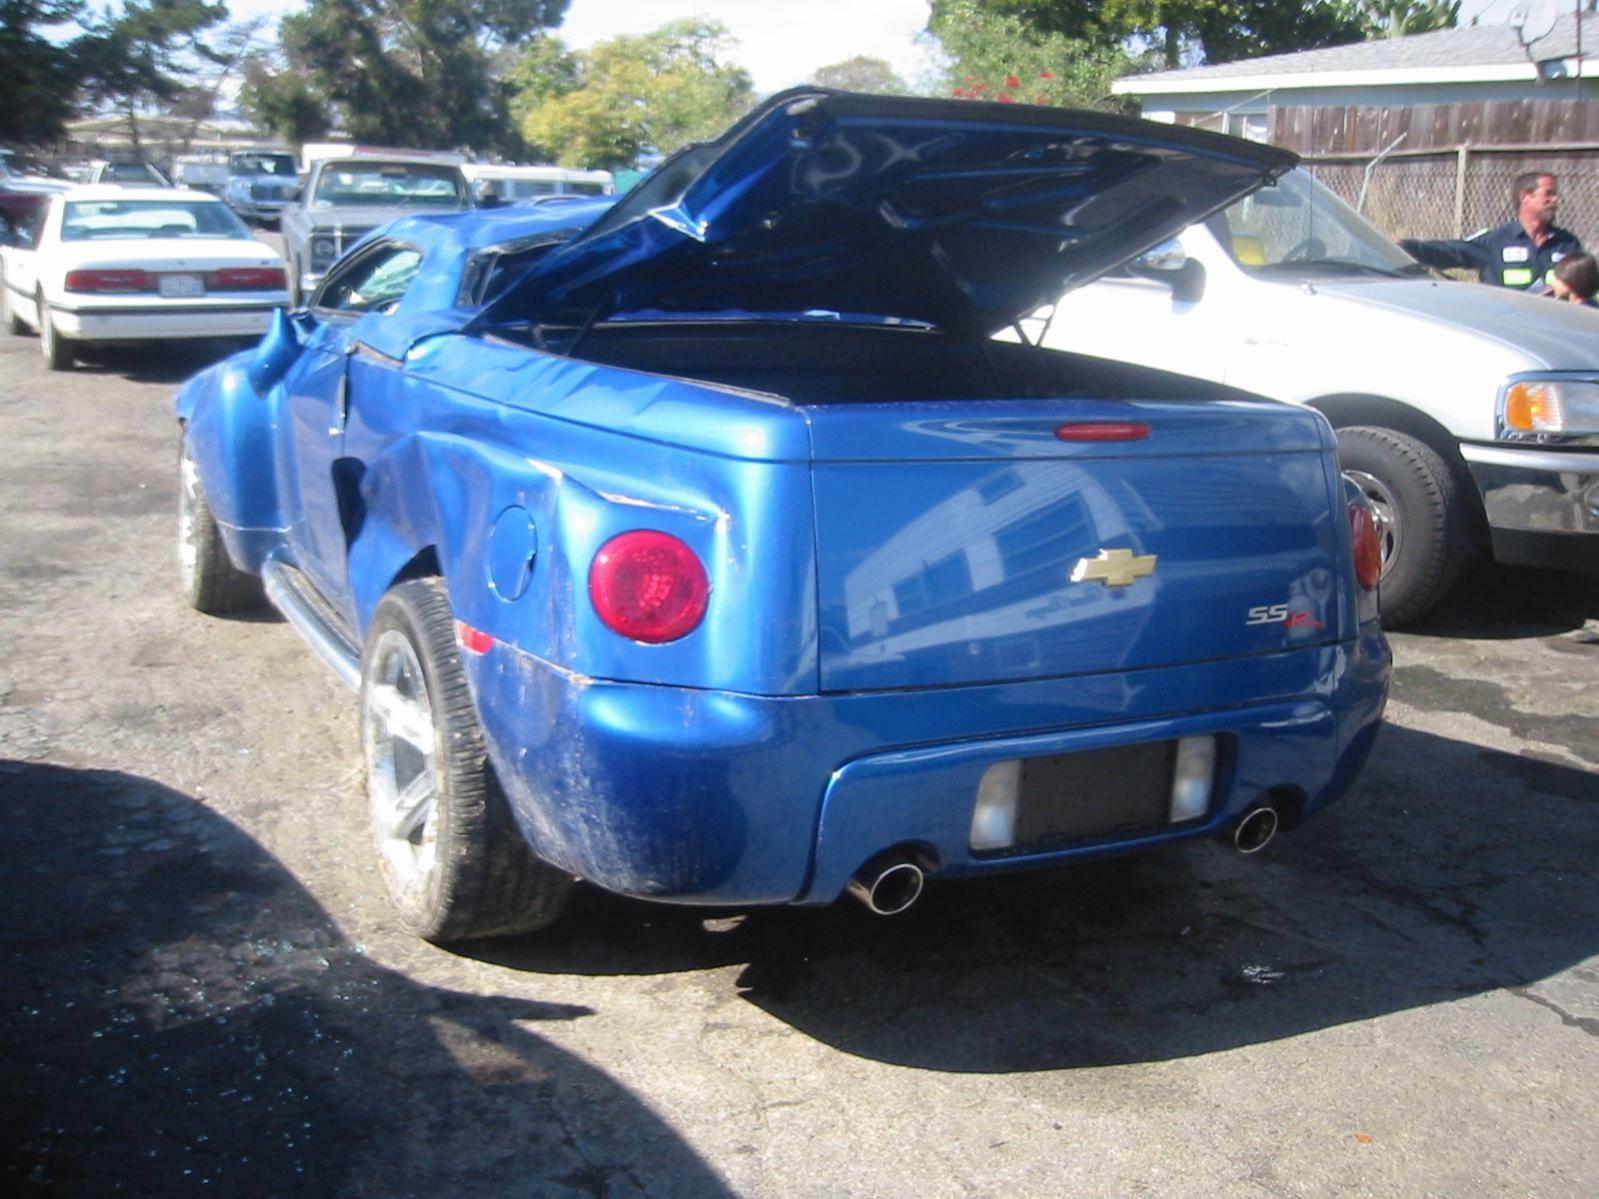 VIN's OF SSR's DECEASED-9996d1140699795-just-totaled-big-blue-ox-ssr-4.jpg